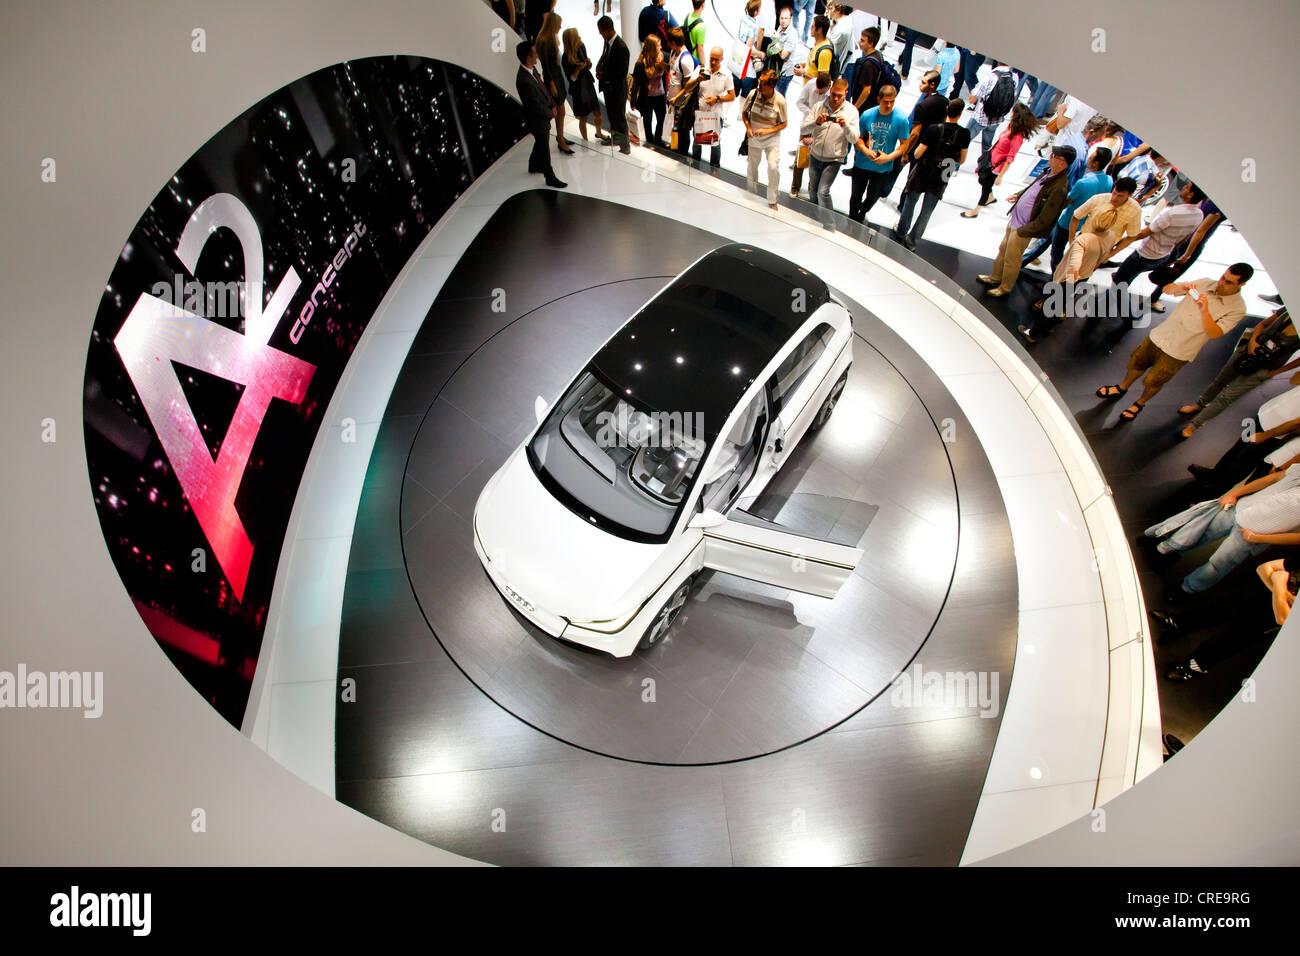 Studie und Welt-premiere des Begriffs Audi A2, Audi AG, 64. Internationalen Automobilausstellung, IAA 2011, Frankfurt Stockbild